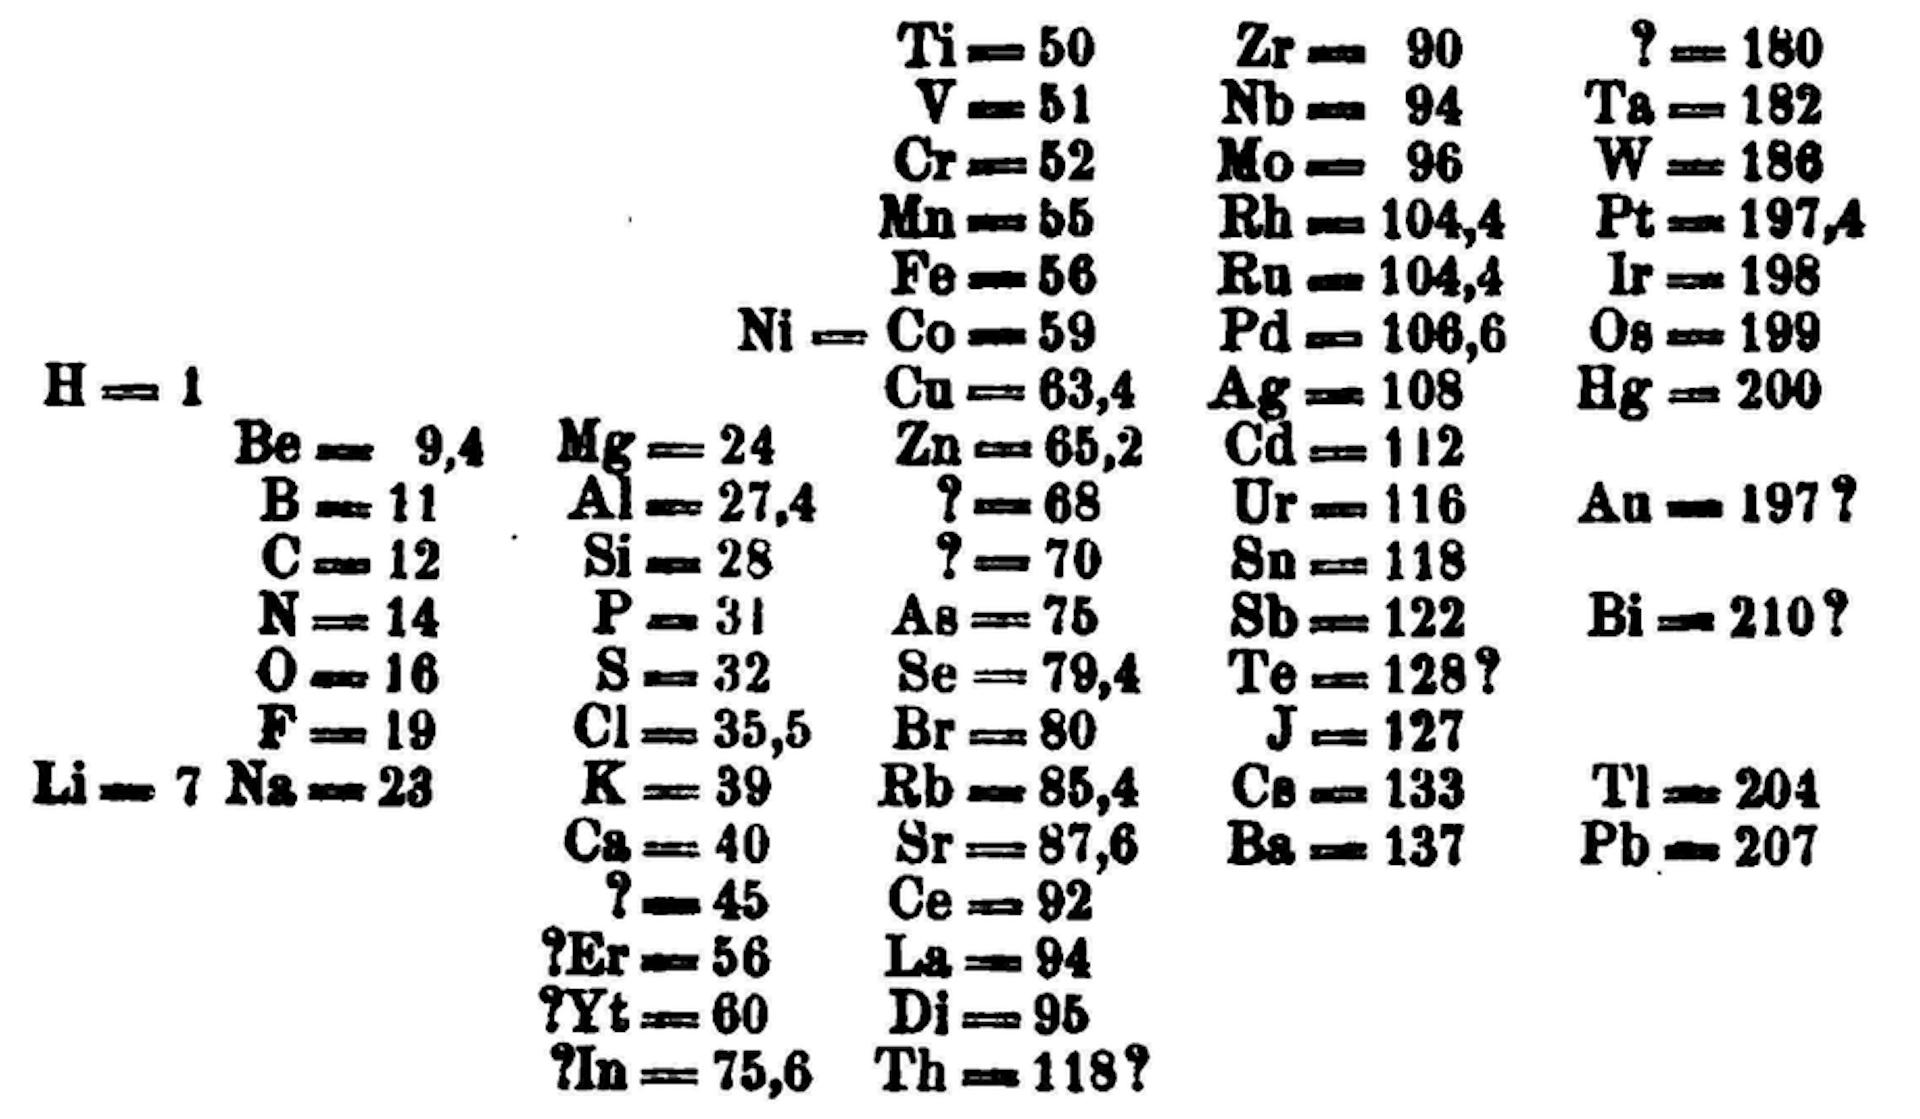 La tabla de Dmitri Mendeléyev completa (sin los elementos aún por descubrir).Foto: Wikimedia Commons